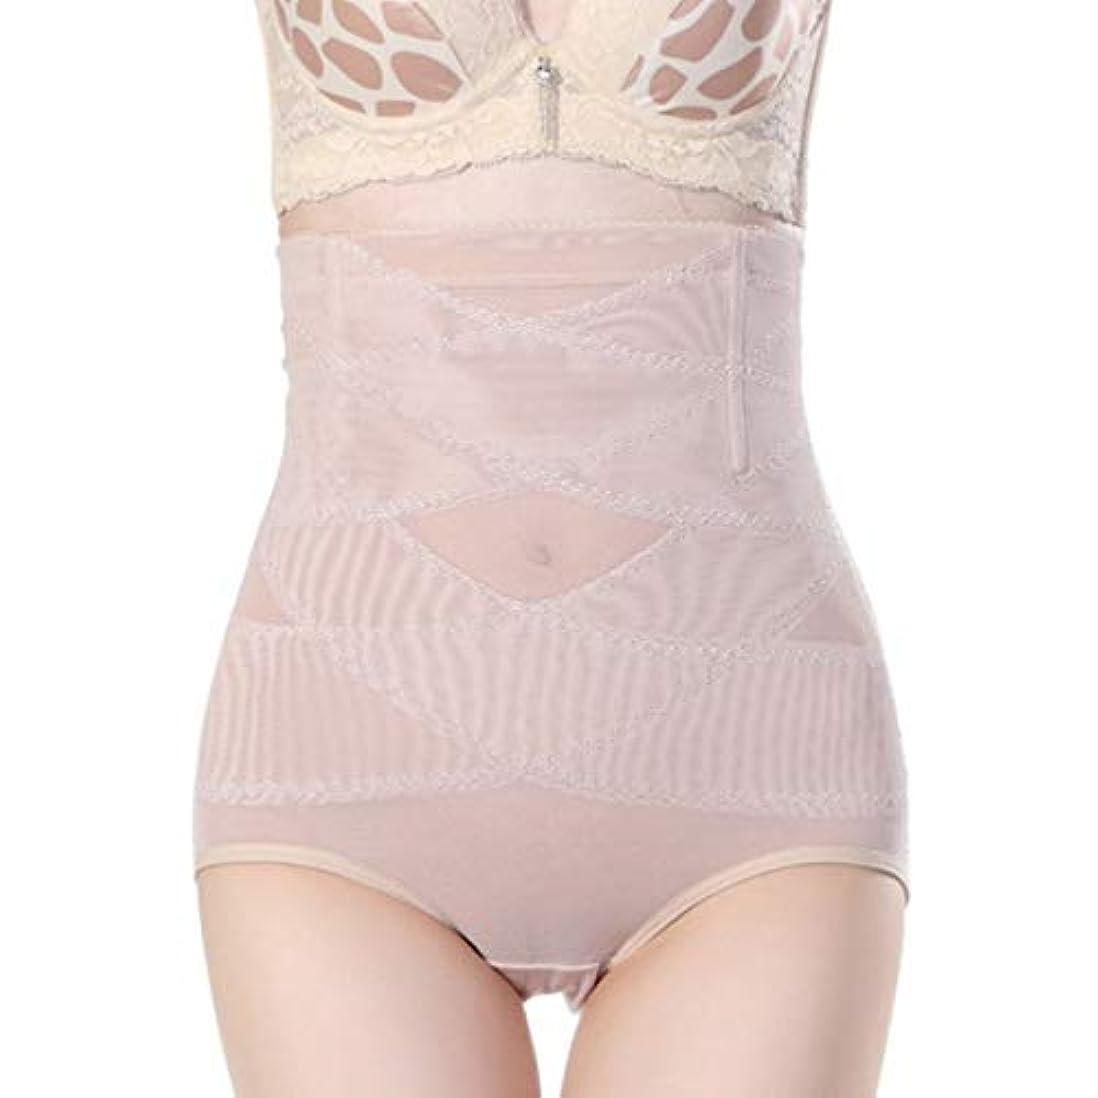 特定のスピーチパイント腹部制御下着シームレスおなかコントロールパンティーバットリフターボディシェイパーを痩身通気性のハイウエストの女性 - 肌色2 XL